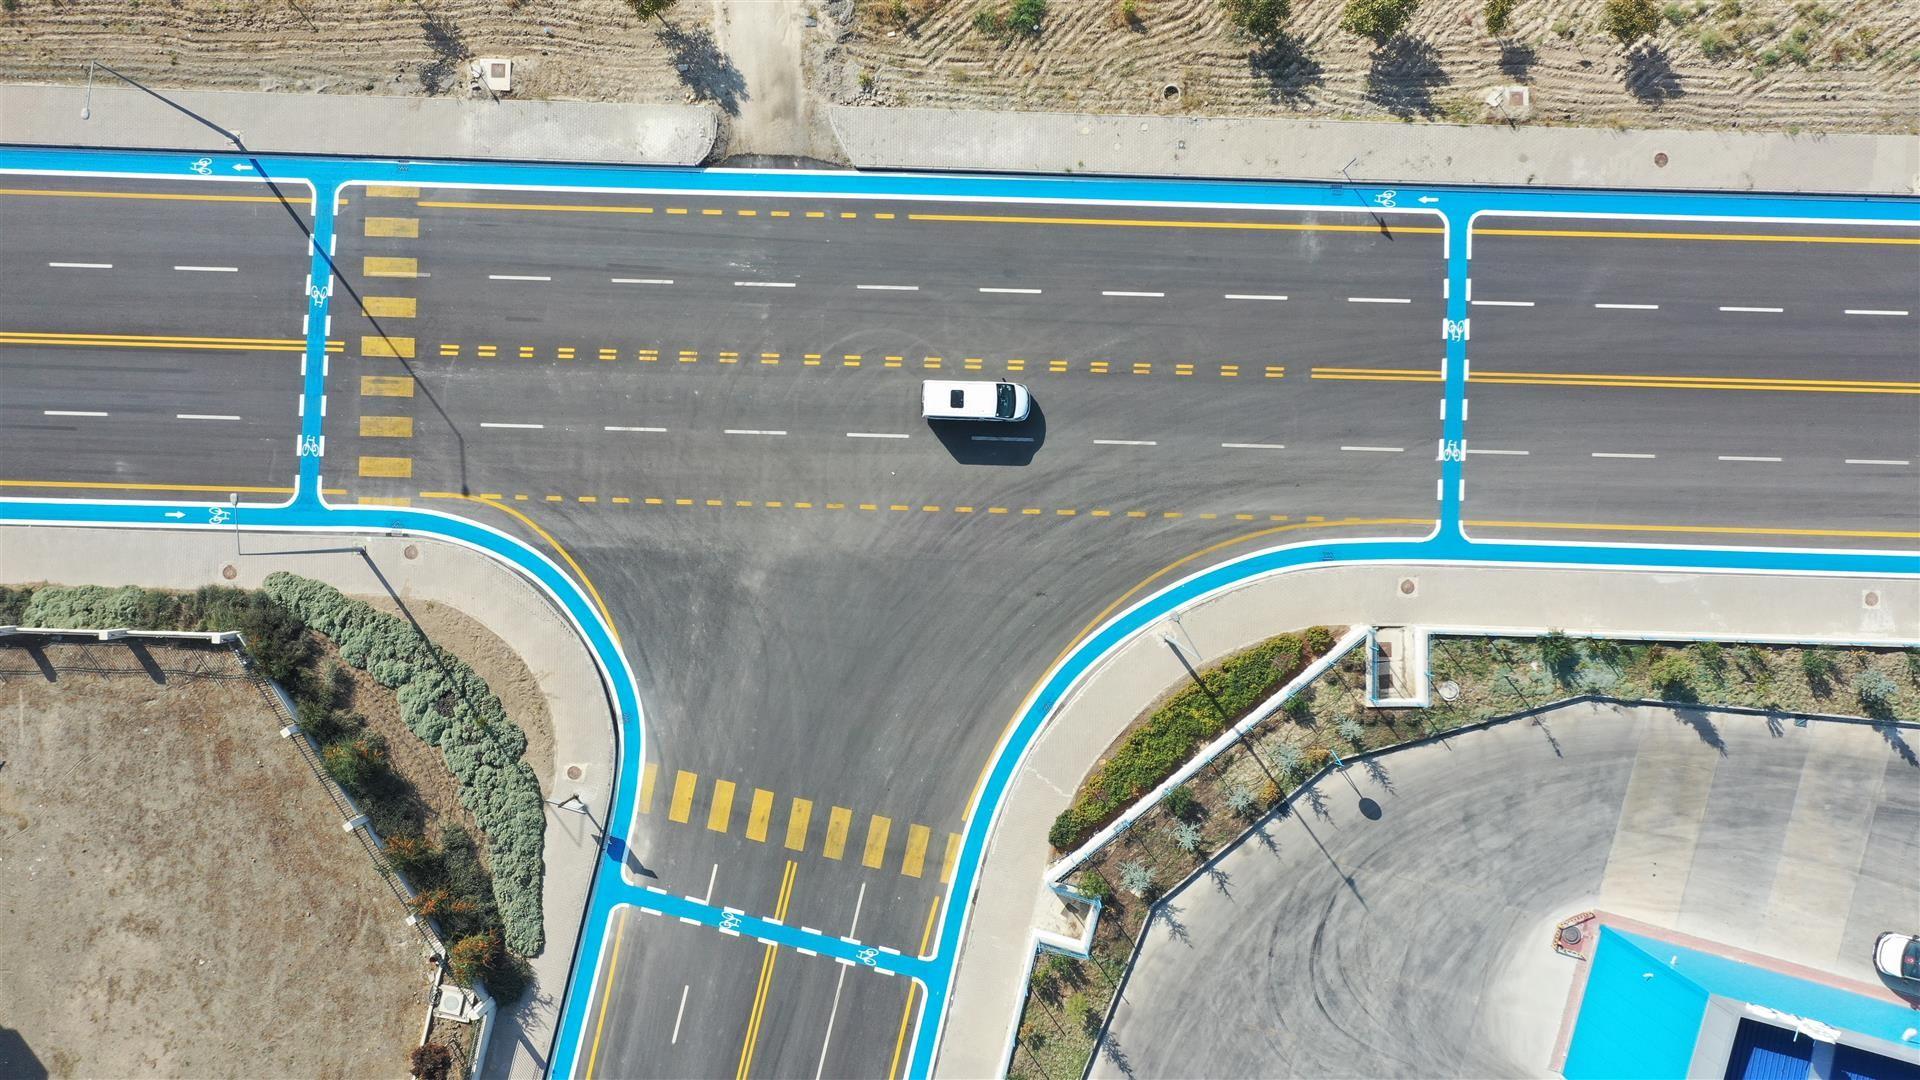 Üniversitelerden sonra organize sanayi bölgeleri de, mavi yol ile tanışıyor